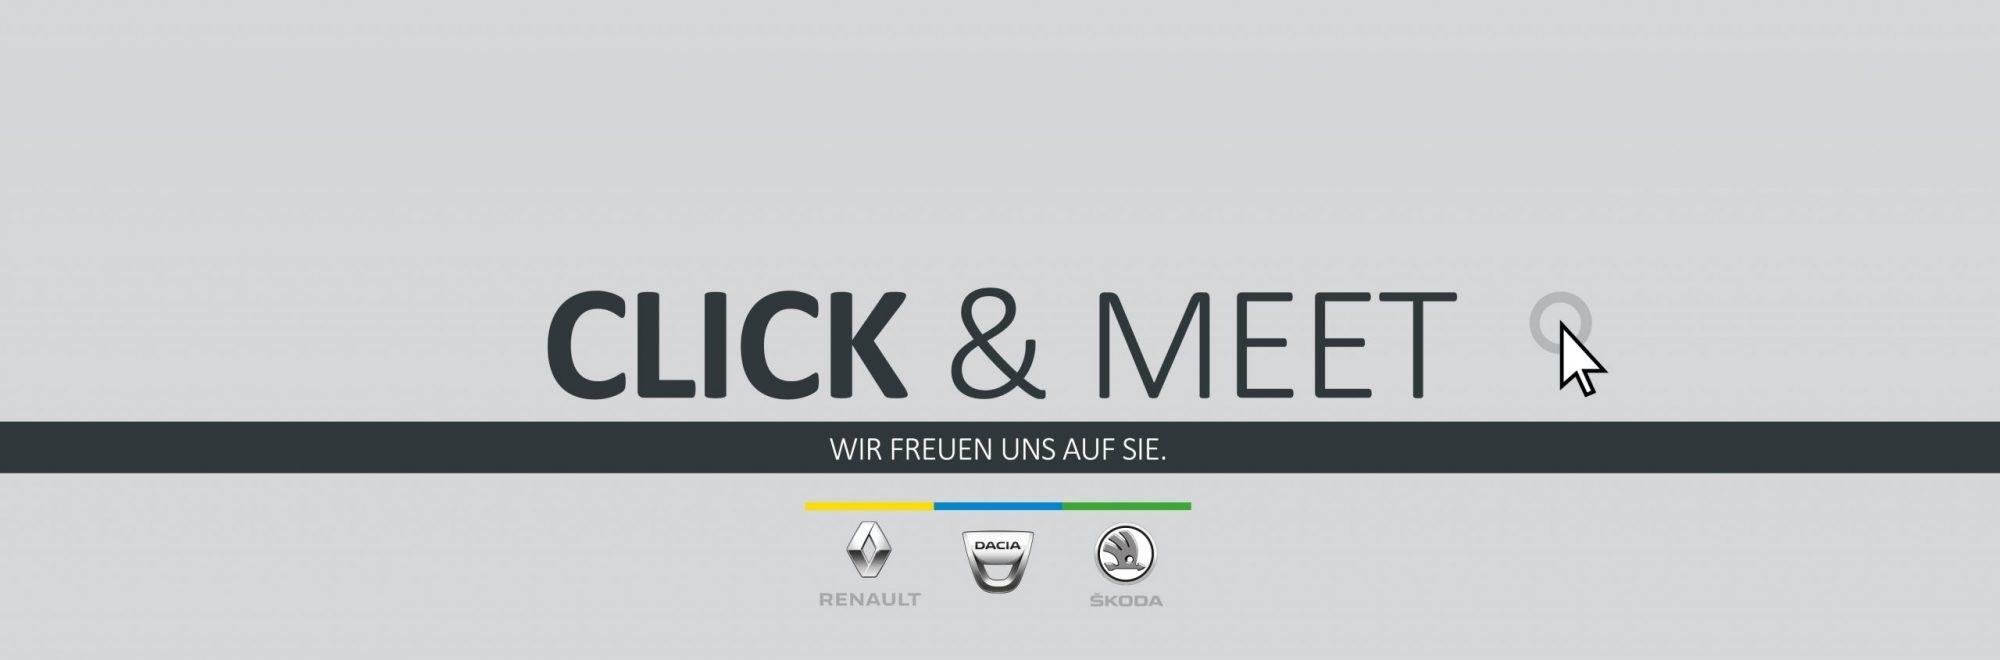 Click & Meet